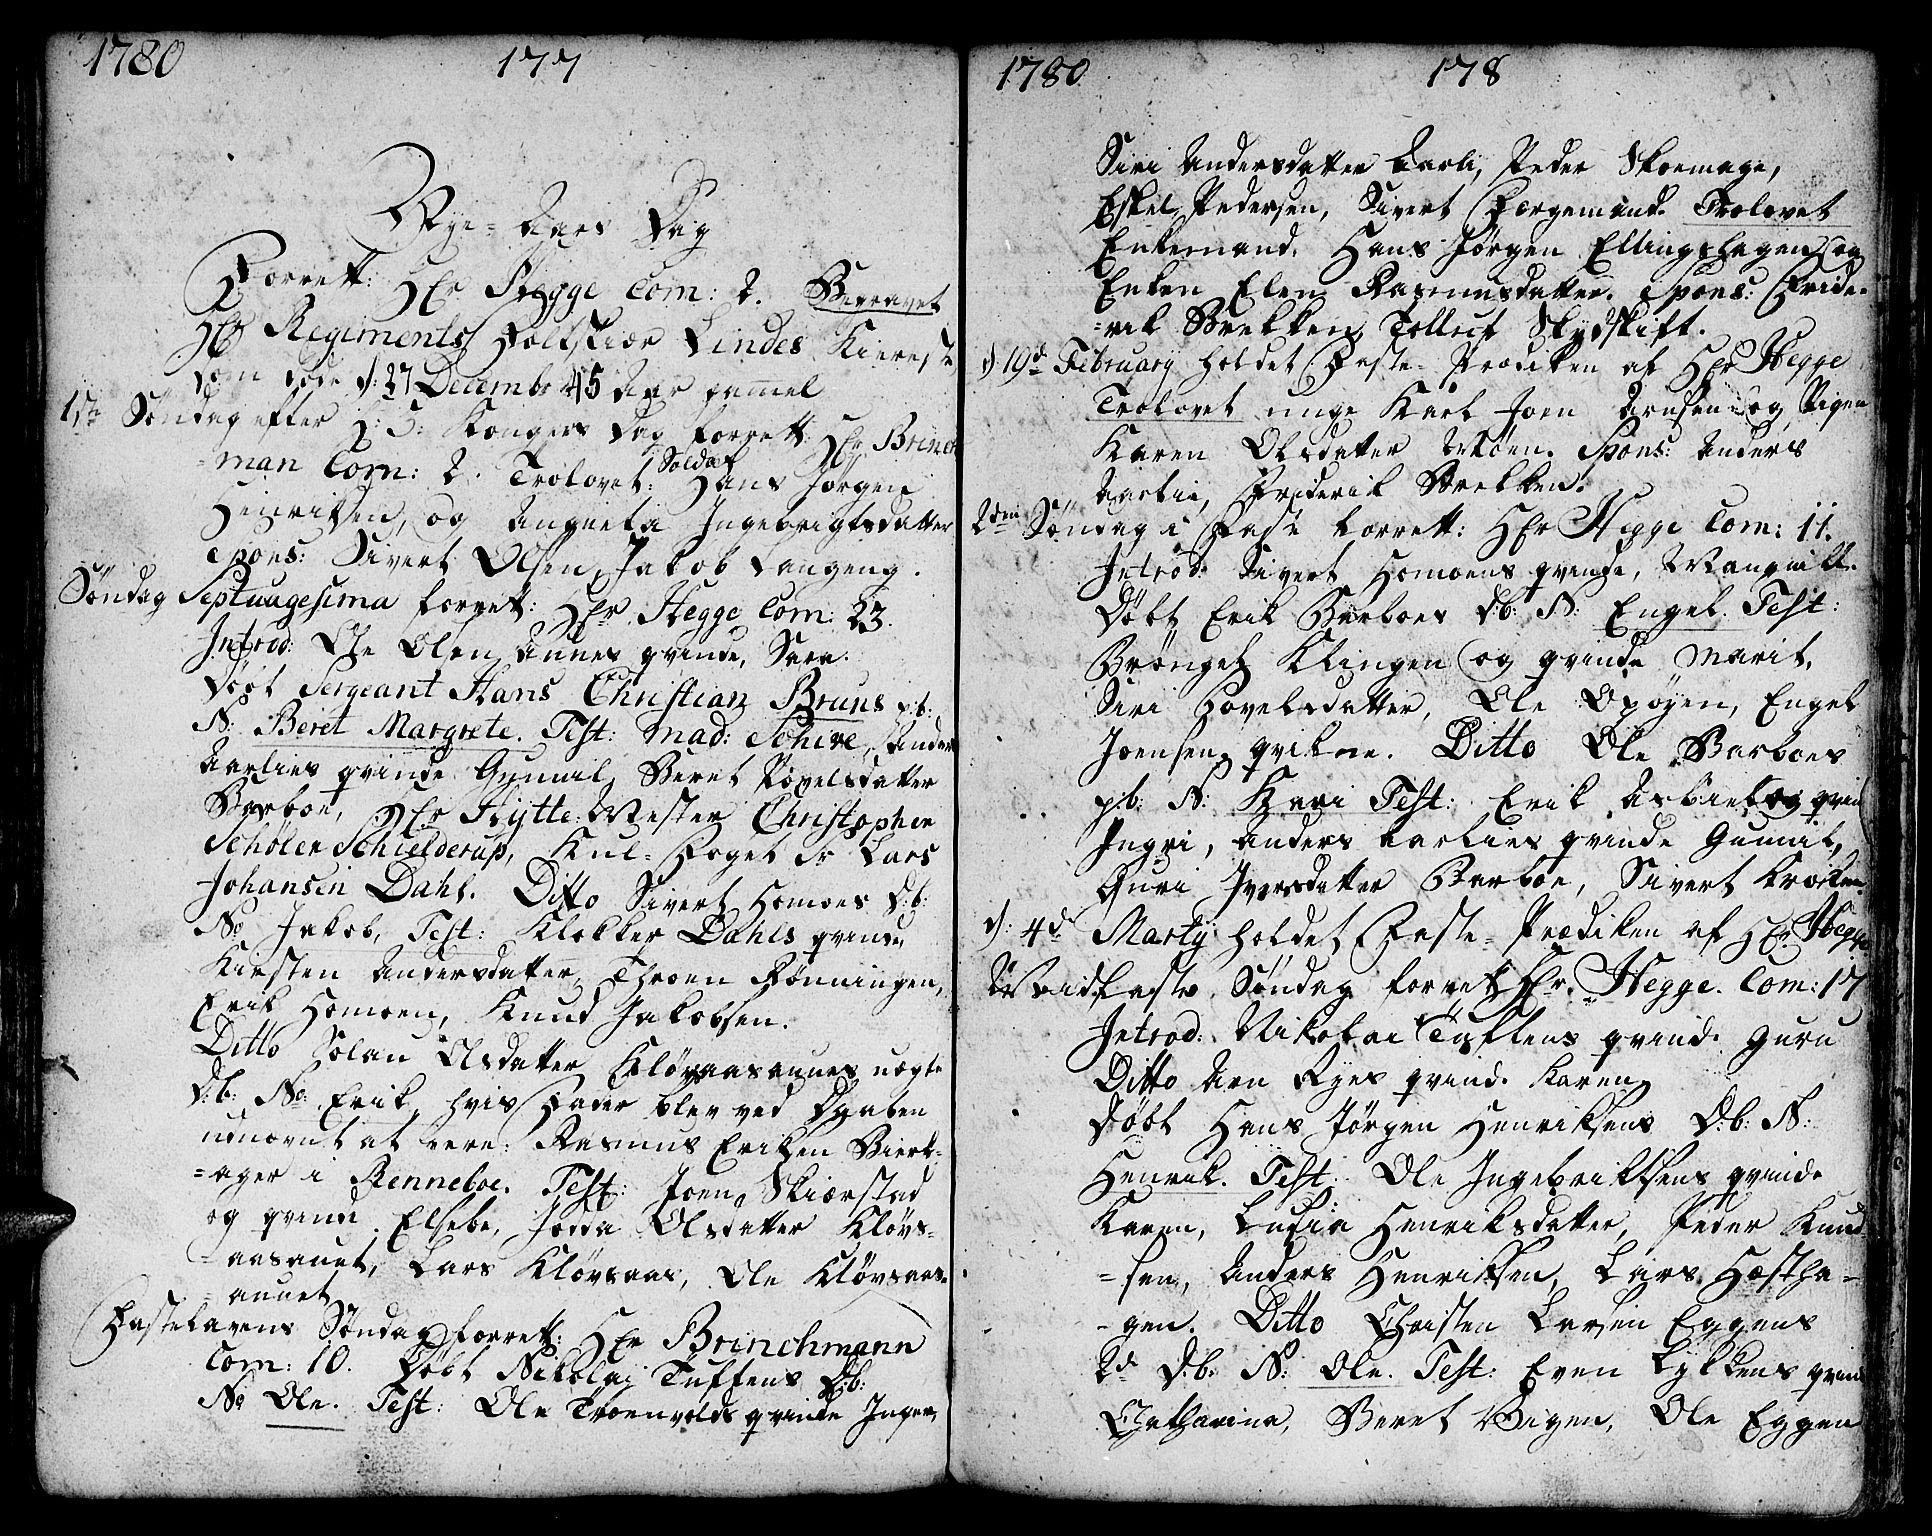 SAT, Ministerialprotokoller, klokkerbøker og fødselsregistre - Sør-Trøndelag, 671/L0840: Ministerialbok nr. 671A02, 1756-1794, s. 277-278